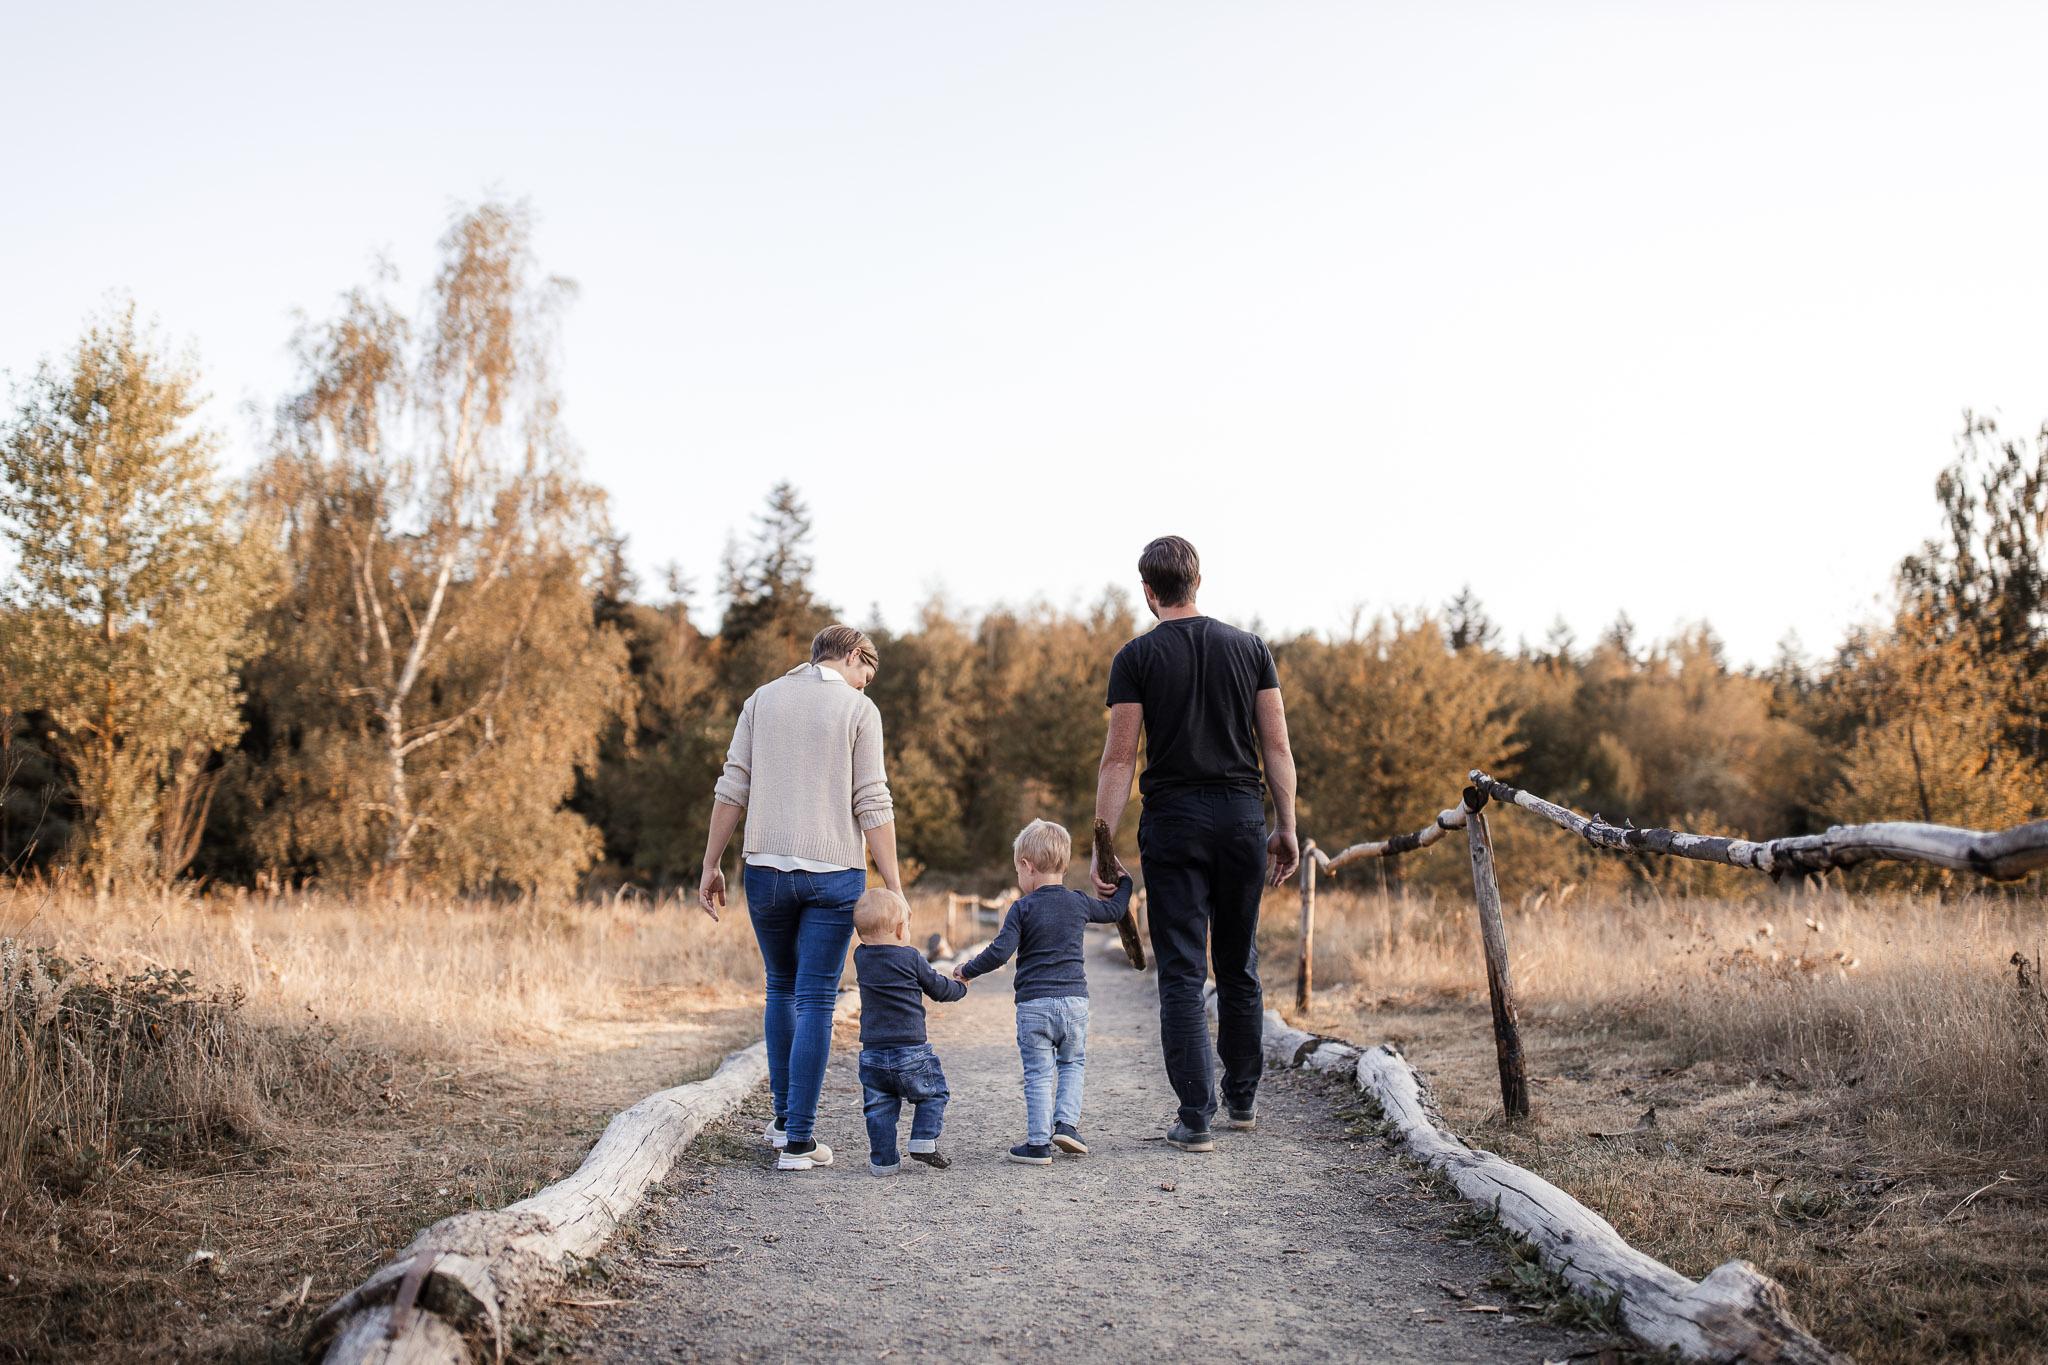 Familienfotos in Ober-Olm: Herbstbilder in der Natur 27